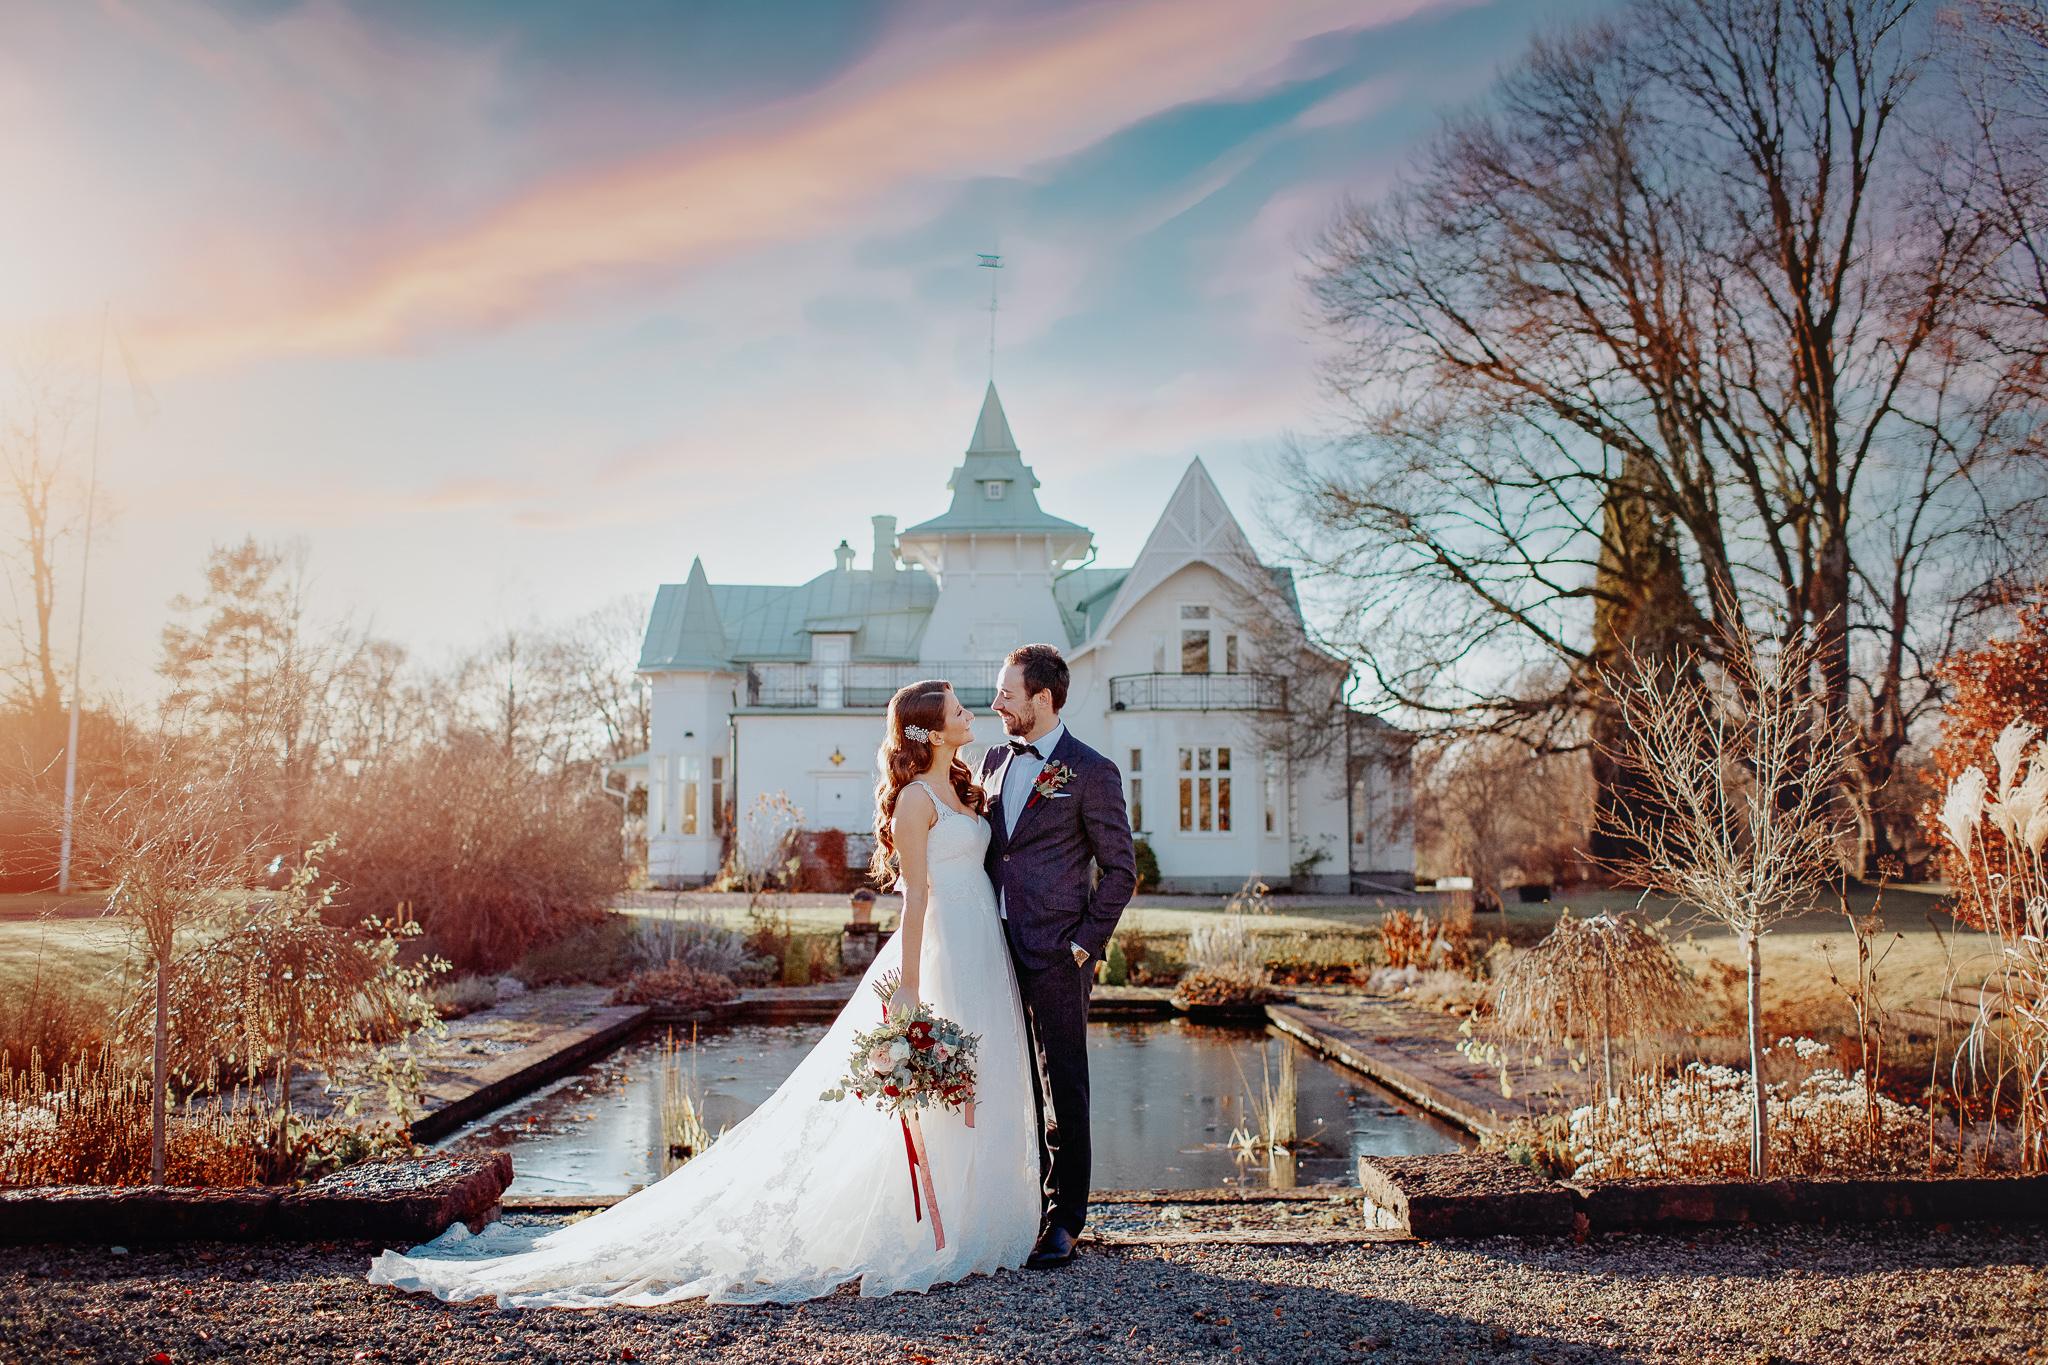 Bröllop Fotograf Villa Gransholm Vetlanda Eksjö Nässjö Jönköping Göteborg Växjö Helsingborg Stockholm Småland